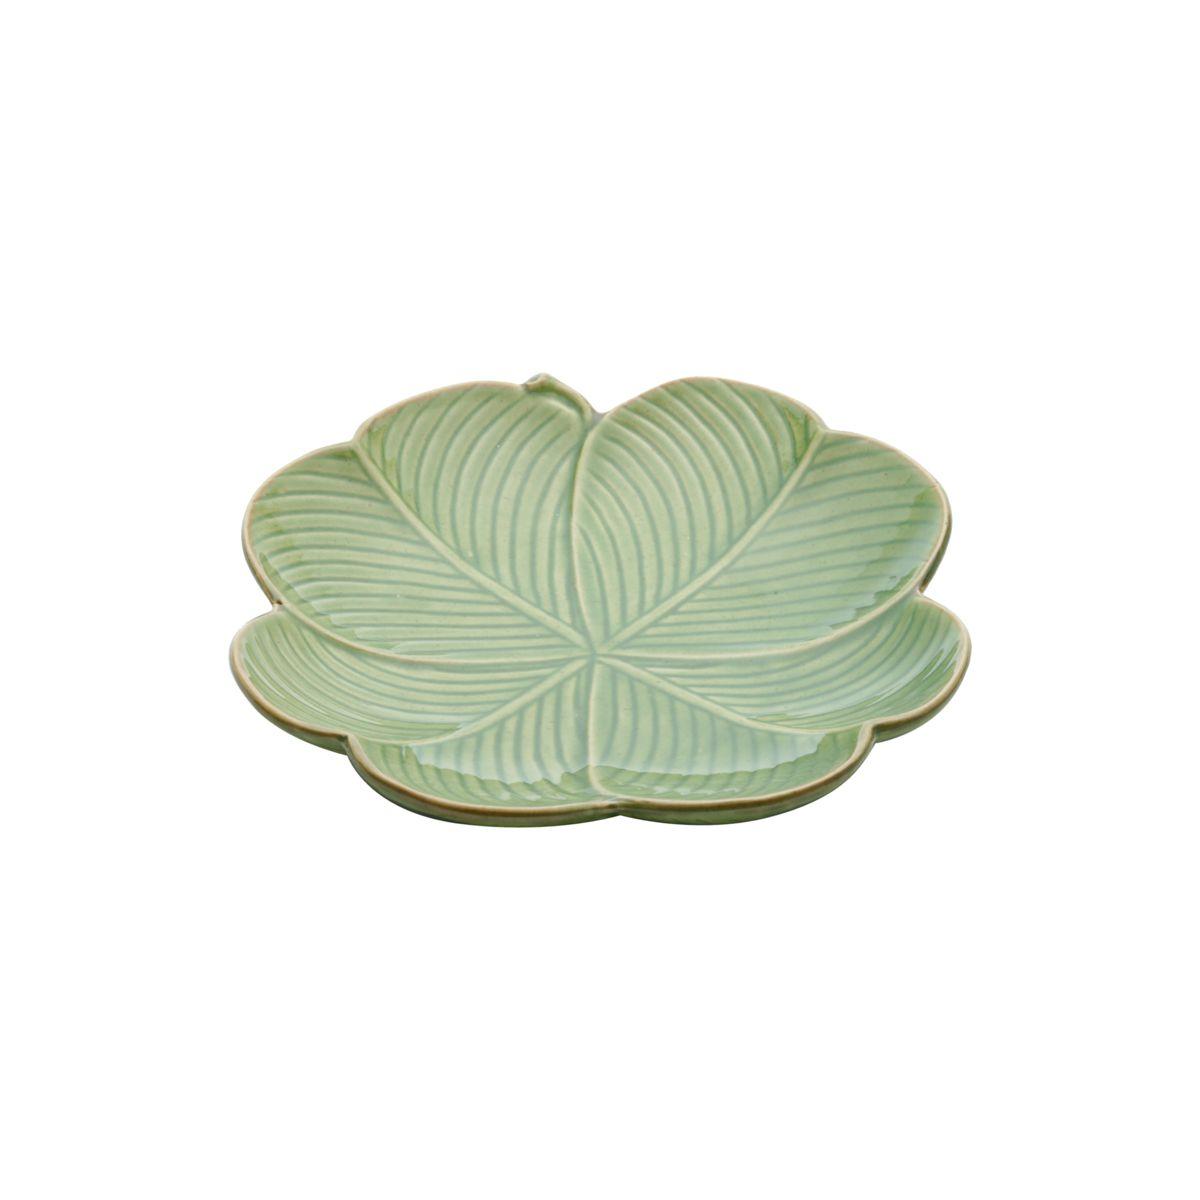 Prato decorativo 20 cm de cerâmica verde Banana Leaf Lyor - L4136